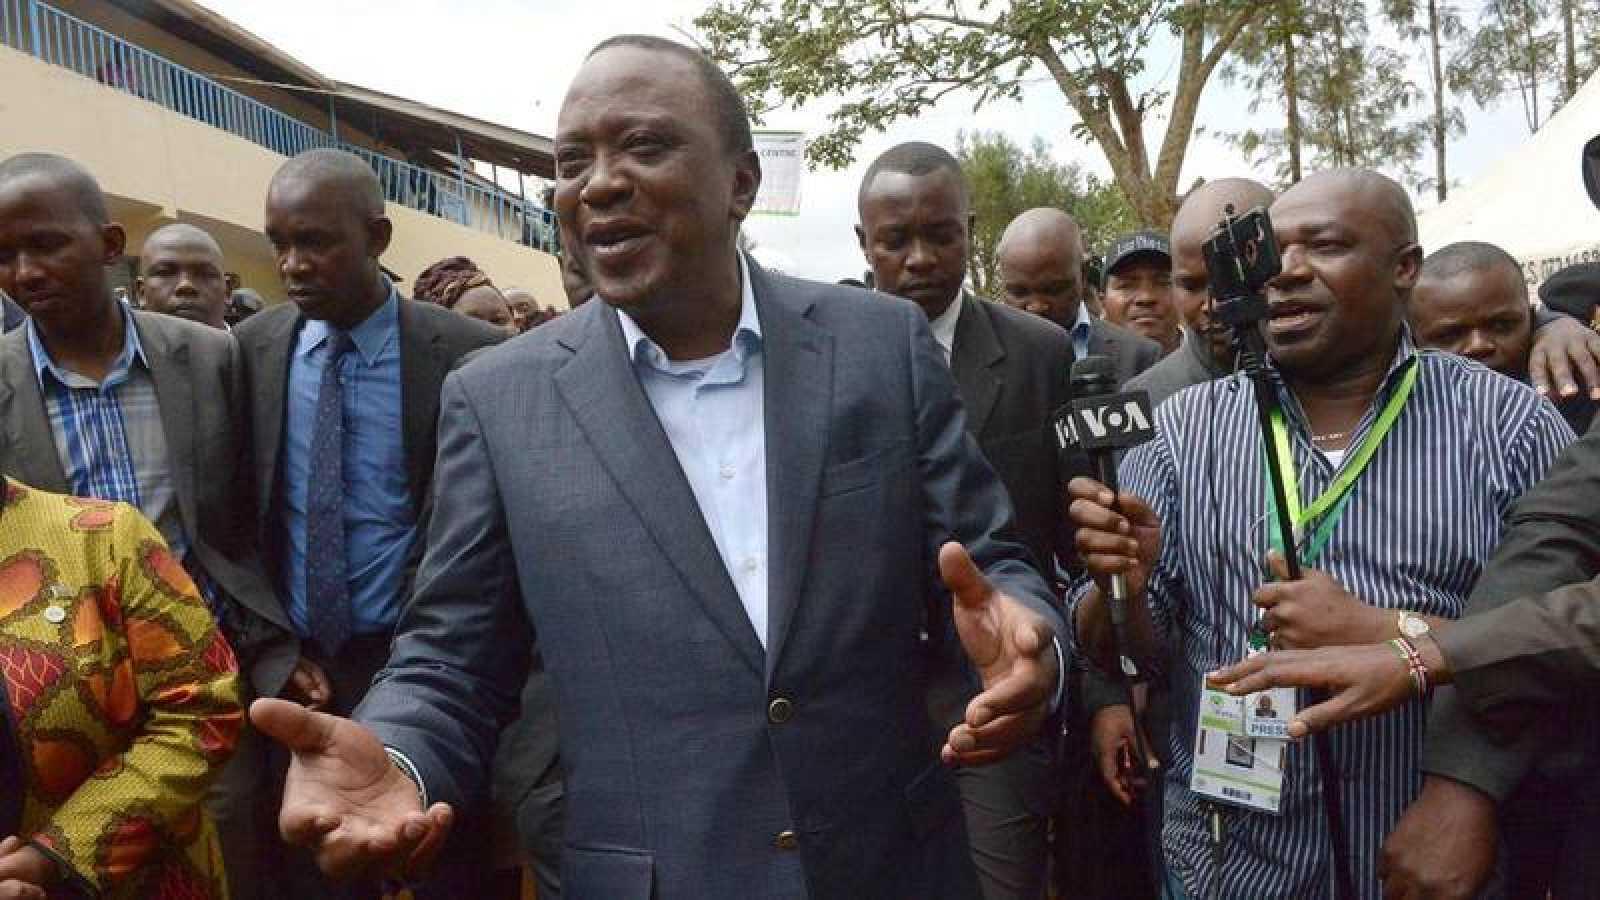 Imagen del presidente de Kenia, Uhuru Kenyatta, durante la jornada electoral